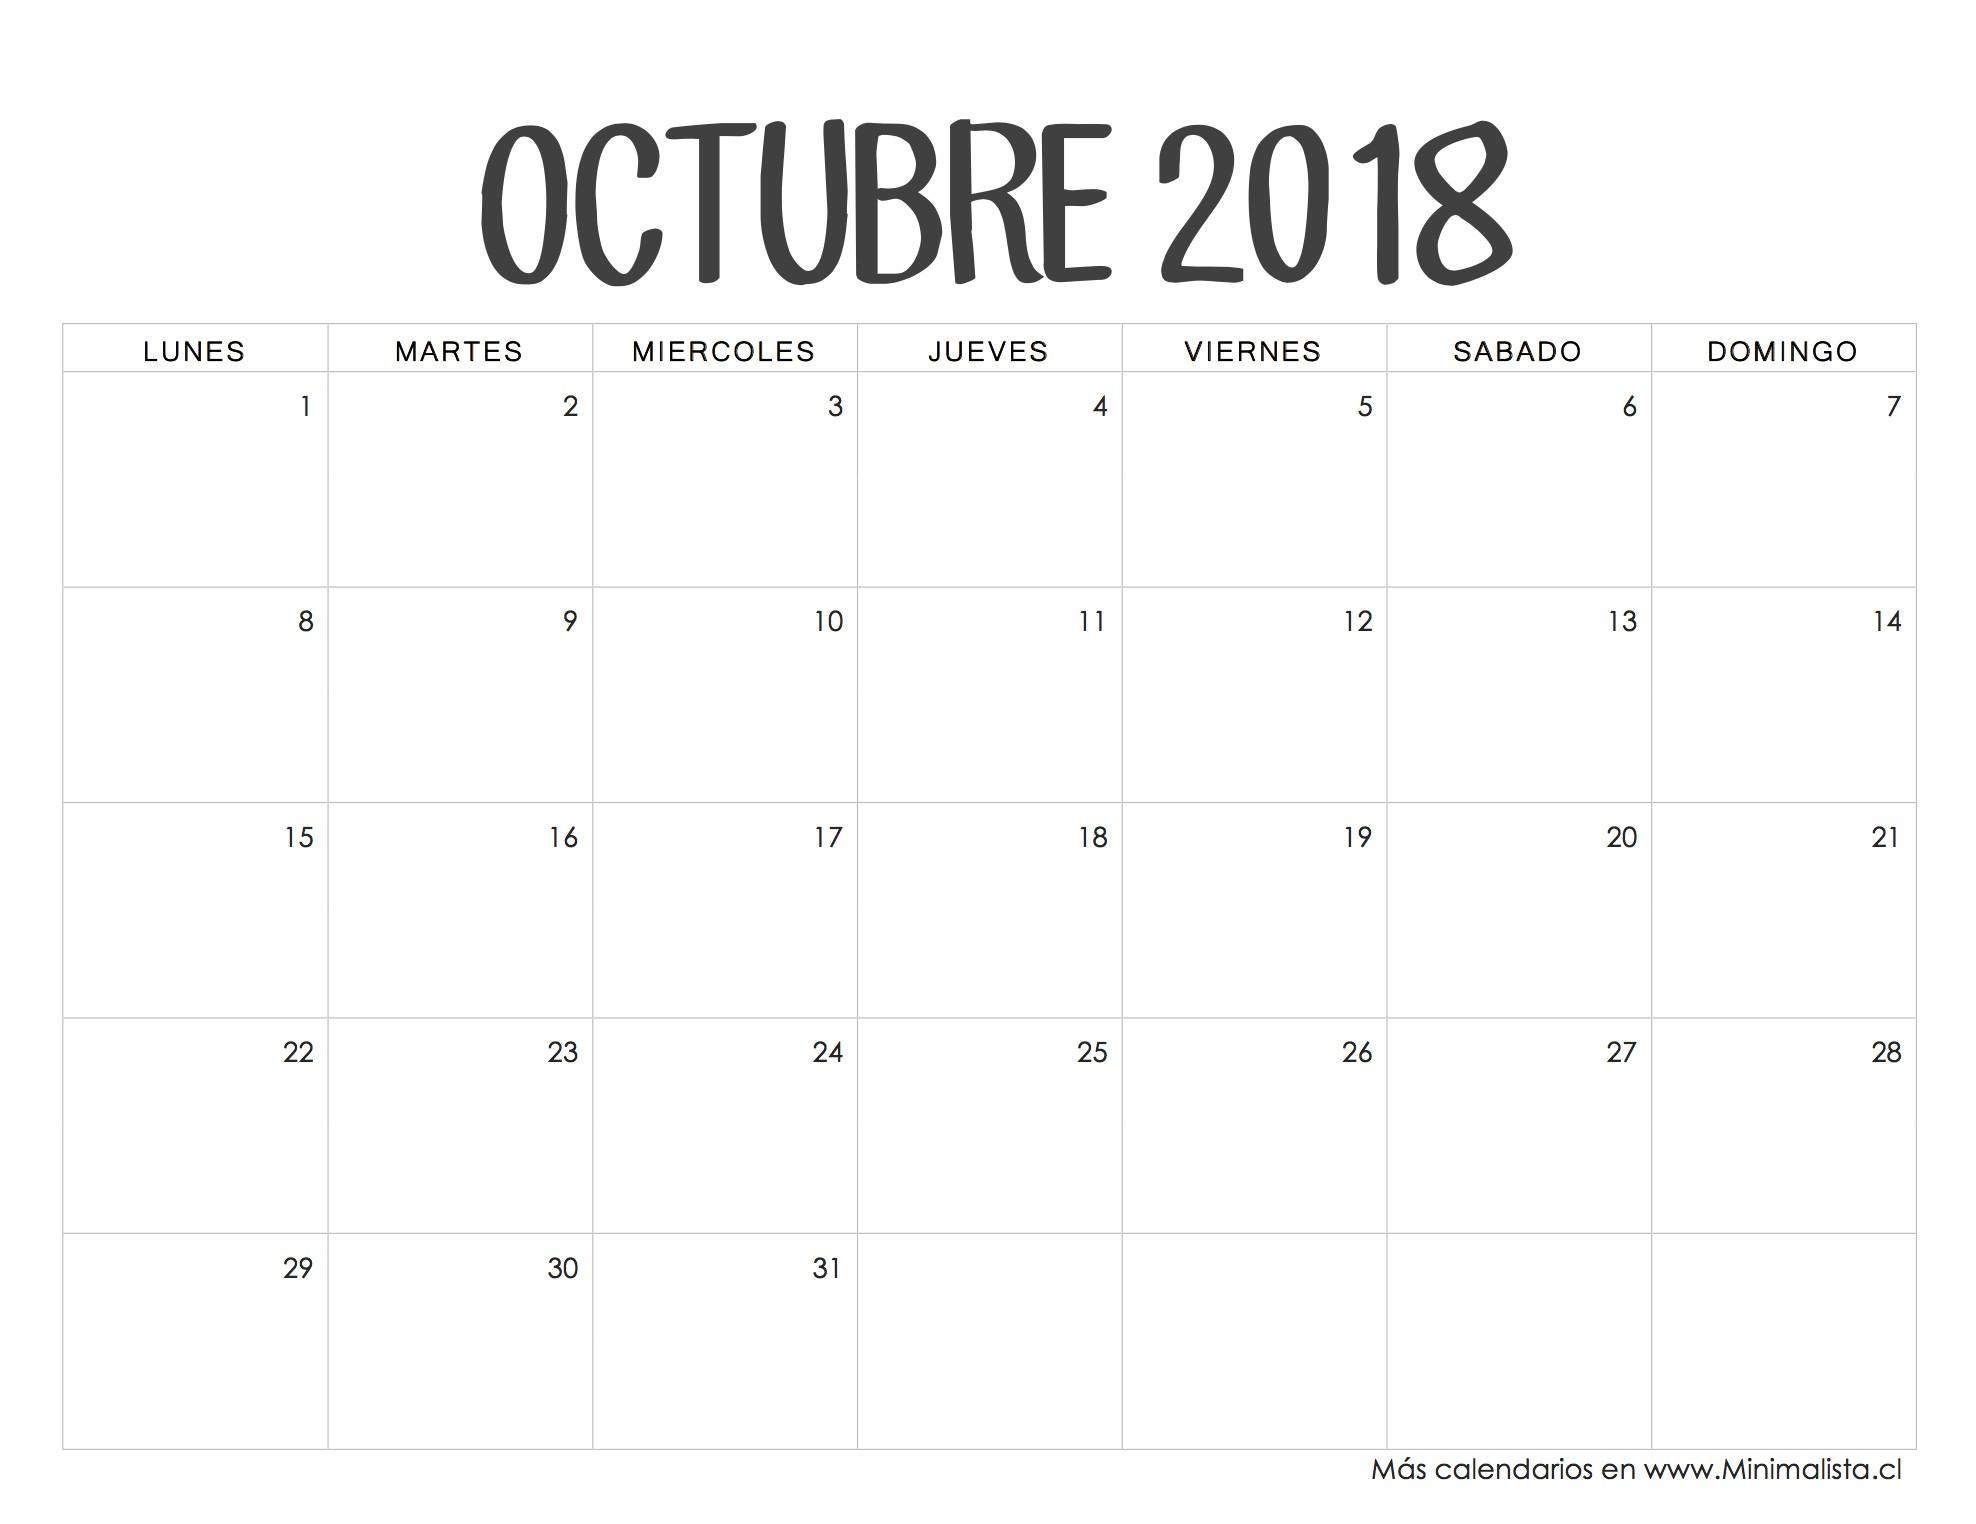 Calendario Escolar 2019 Valencia Imprimir Más Recientes Calendario Octubre 2018 Calendario Pinterest Of Calendario Escolar 2019 Valencia Imprimir Más Recientes Pin De Karoling Paola Perez Ino±an En Calendario